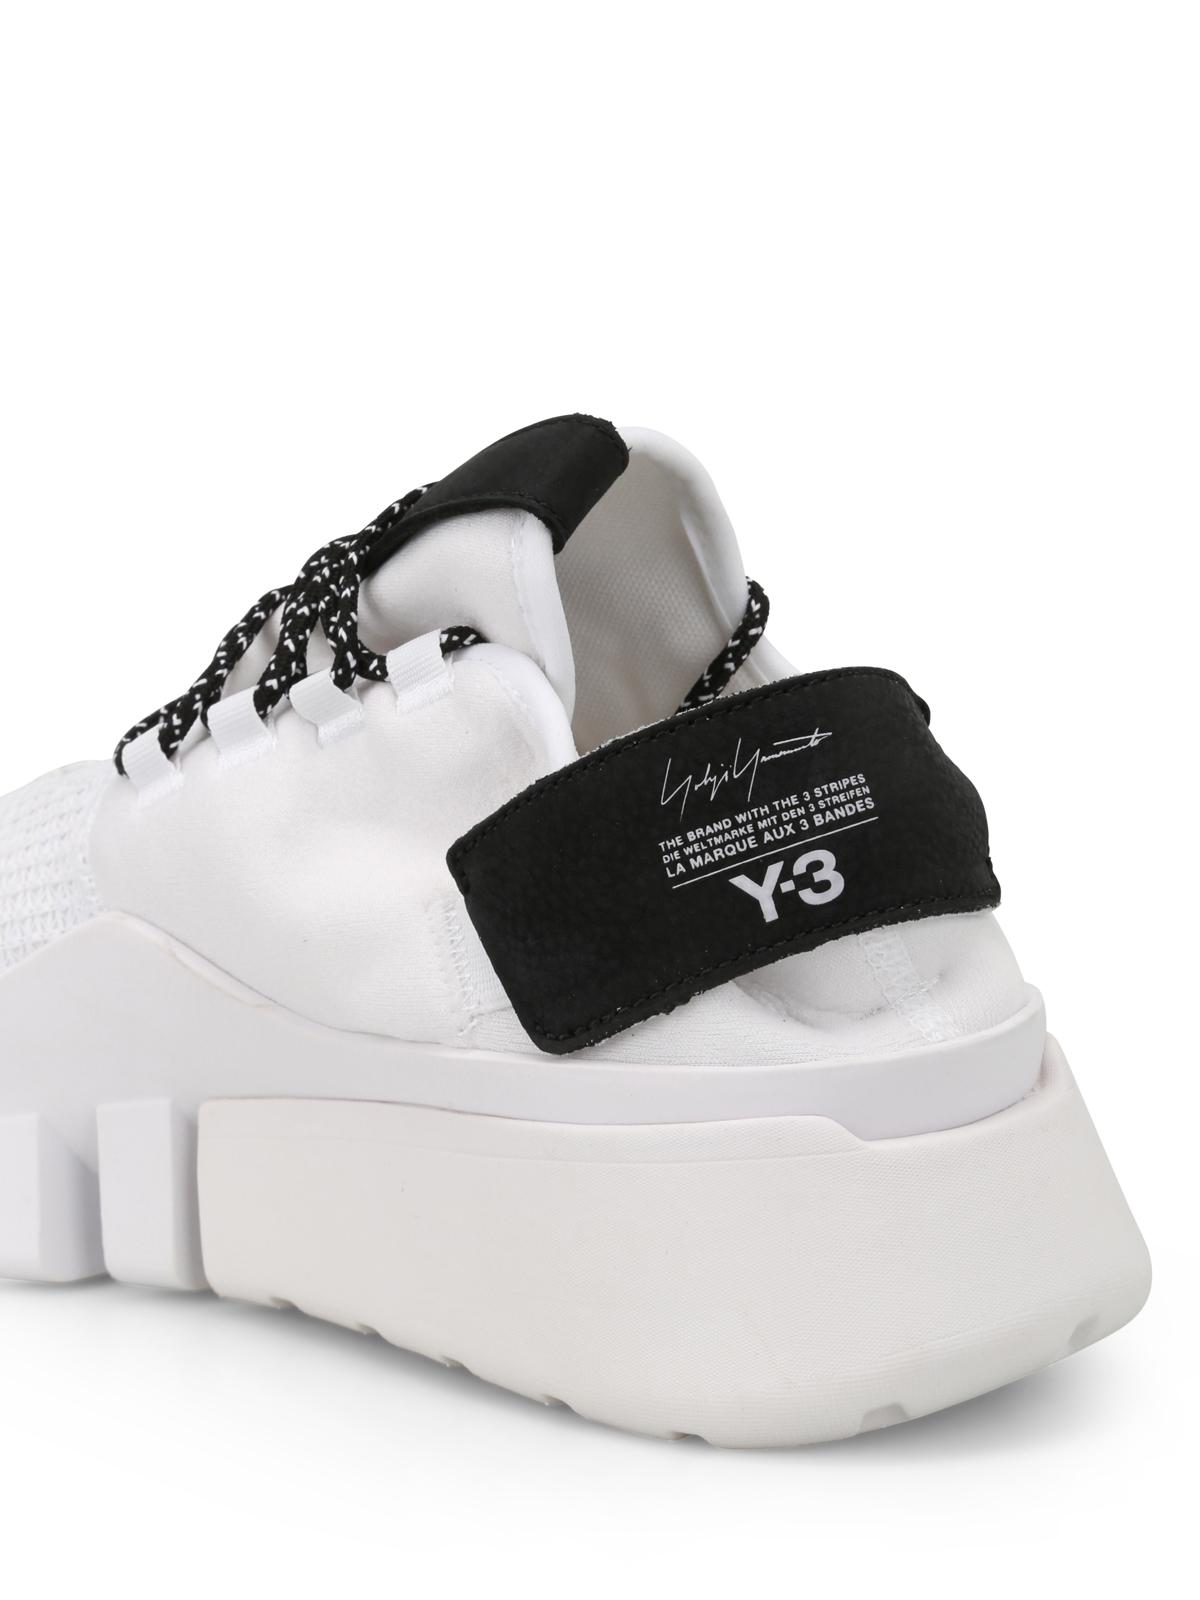 y3 scarpe uomo bianche adidas